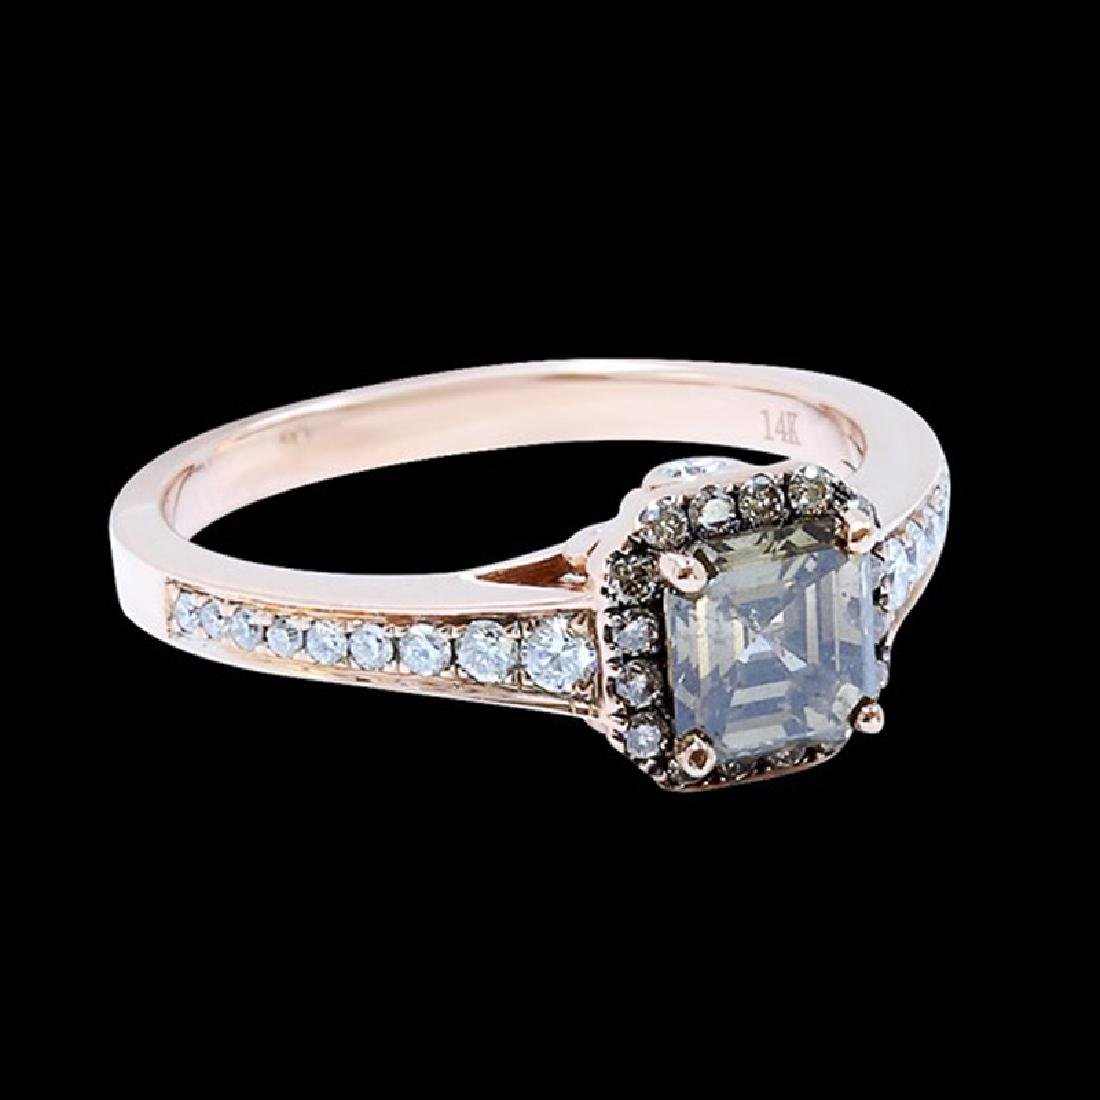 0.95CT NATURAL DIAMOND 14K ROSE GOLD RING